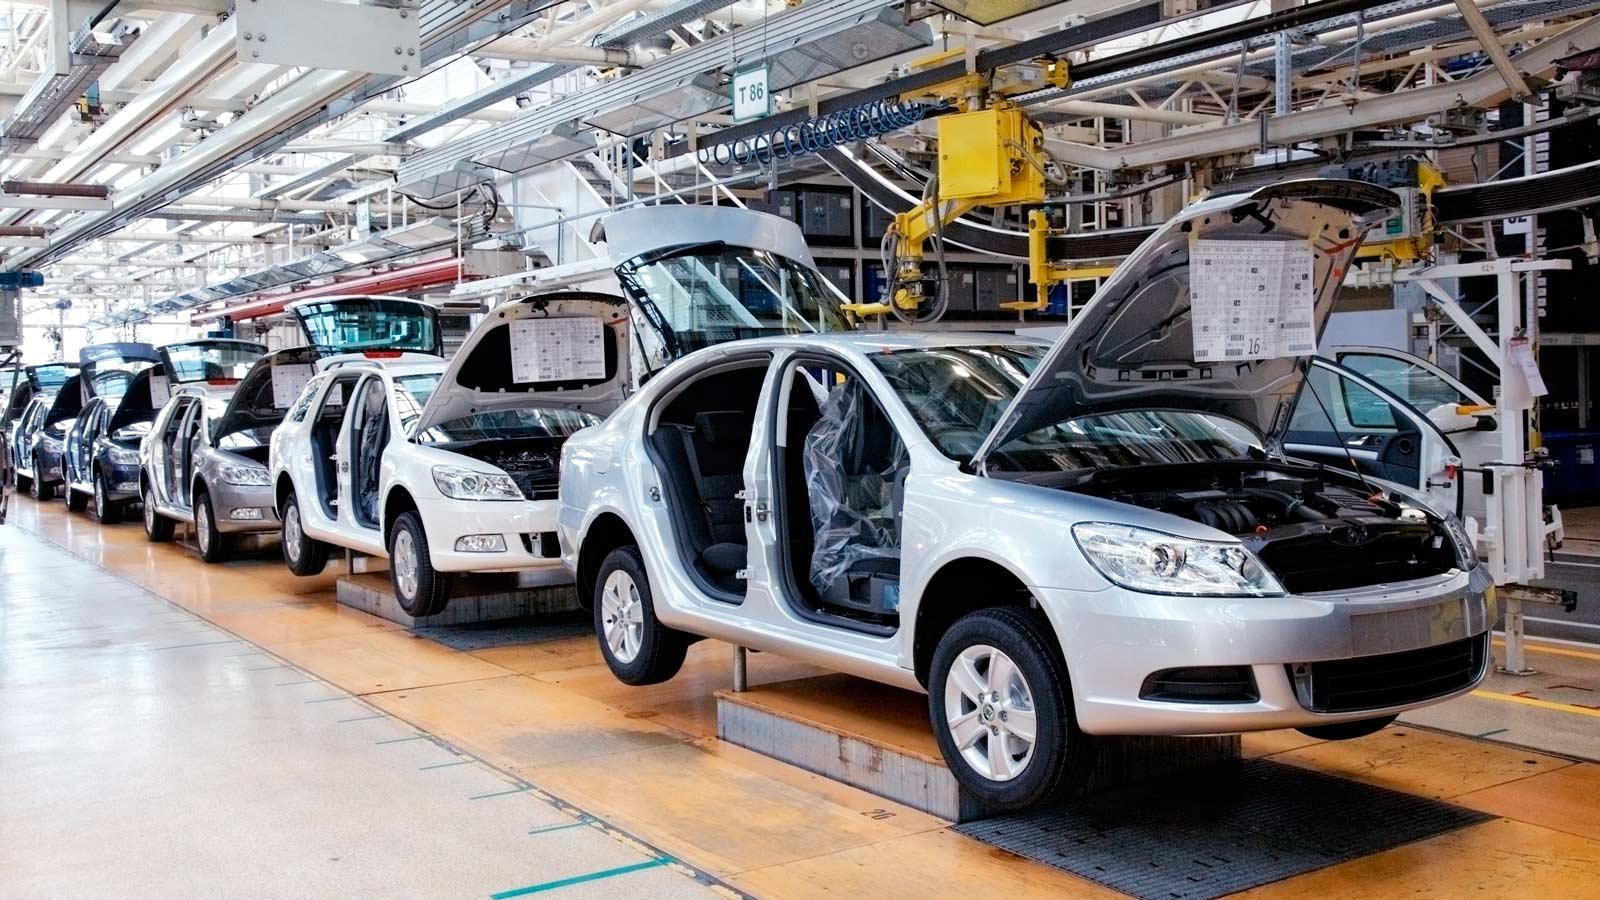 fabrica_coches_1600x900